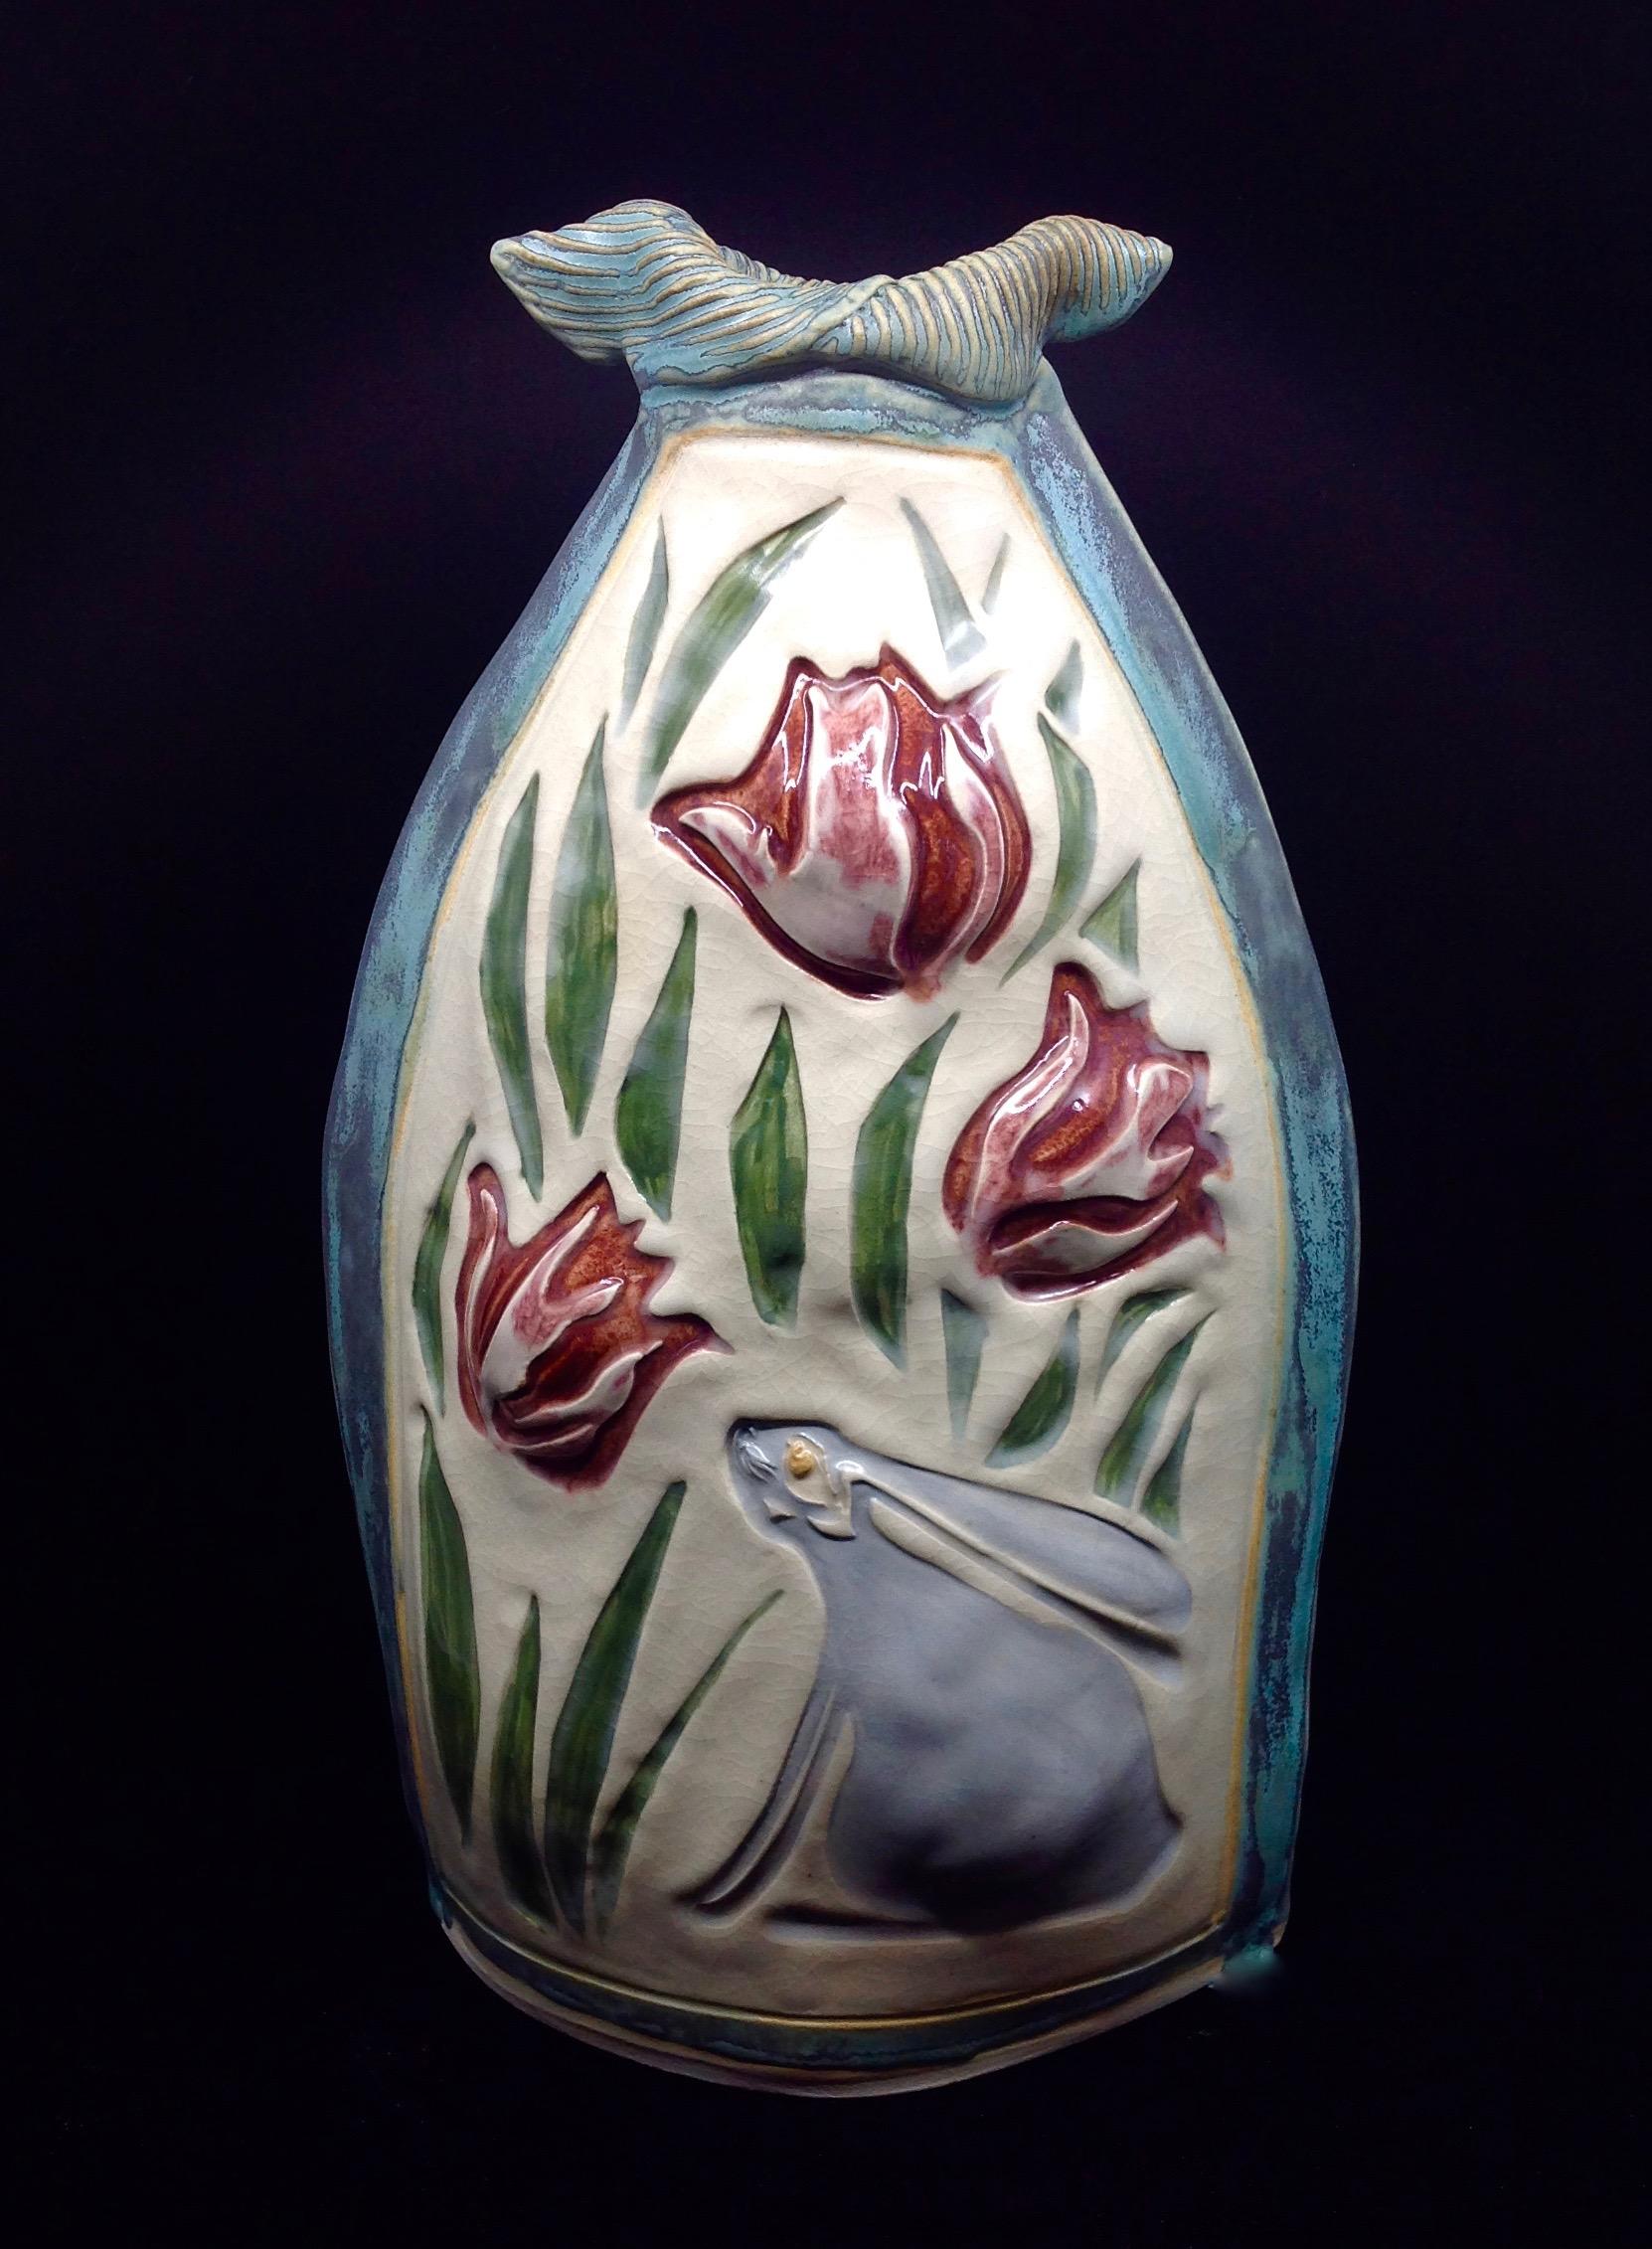 Rabbit Tulip vase